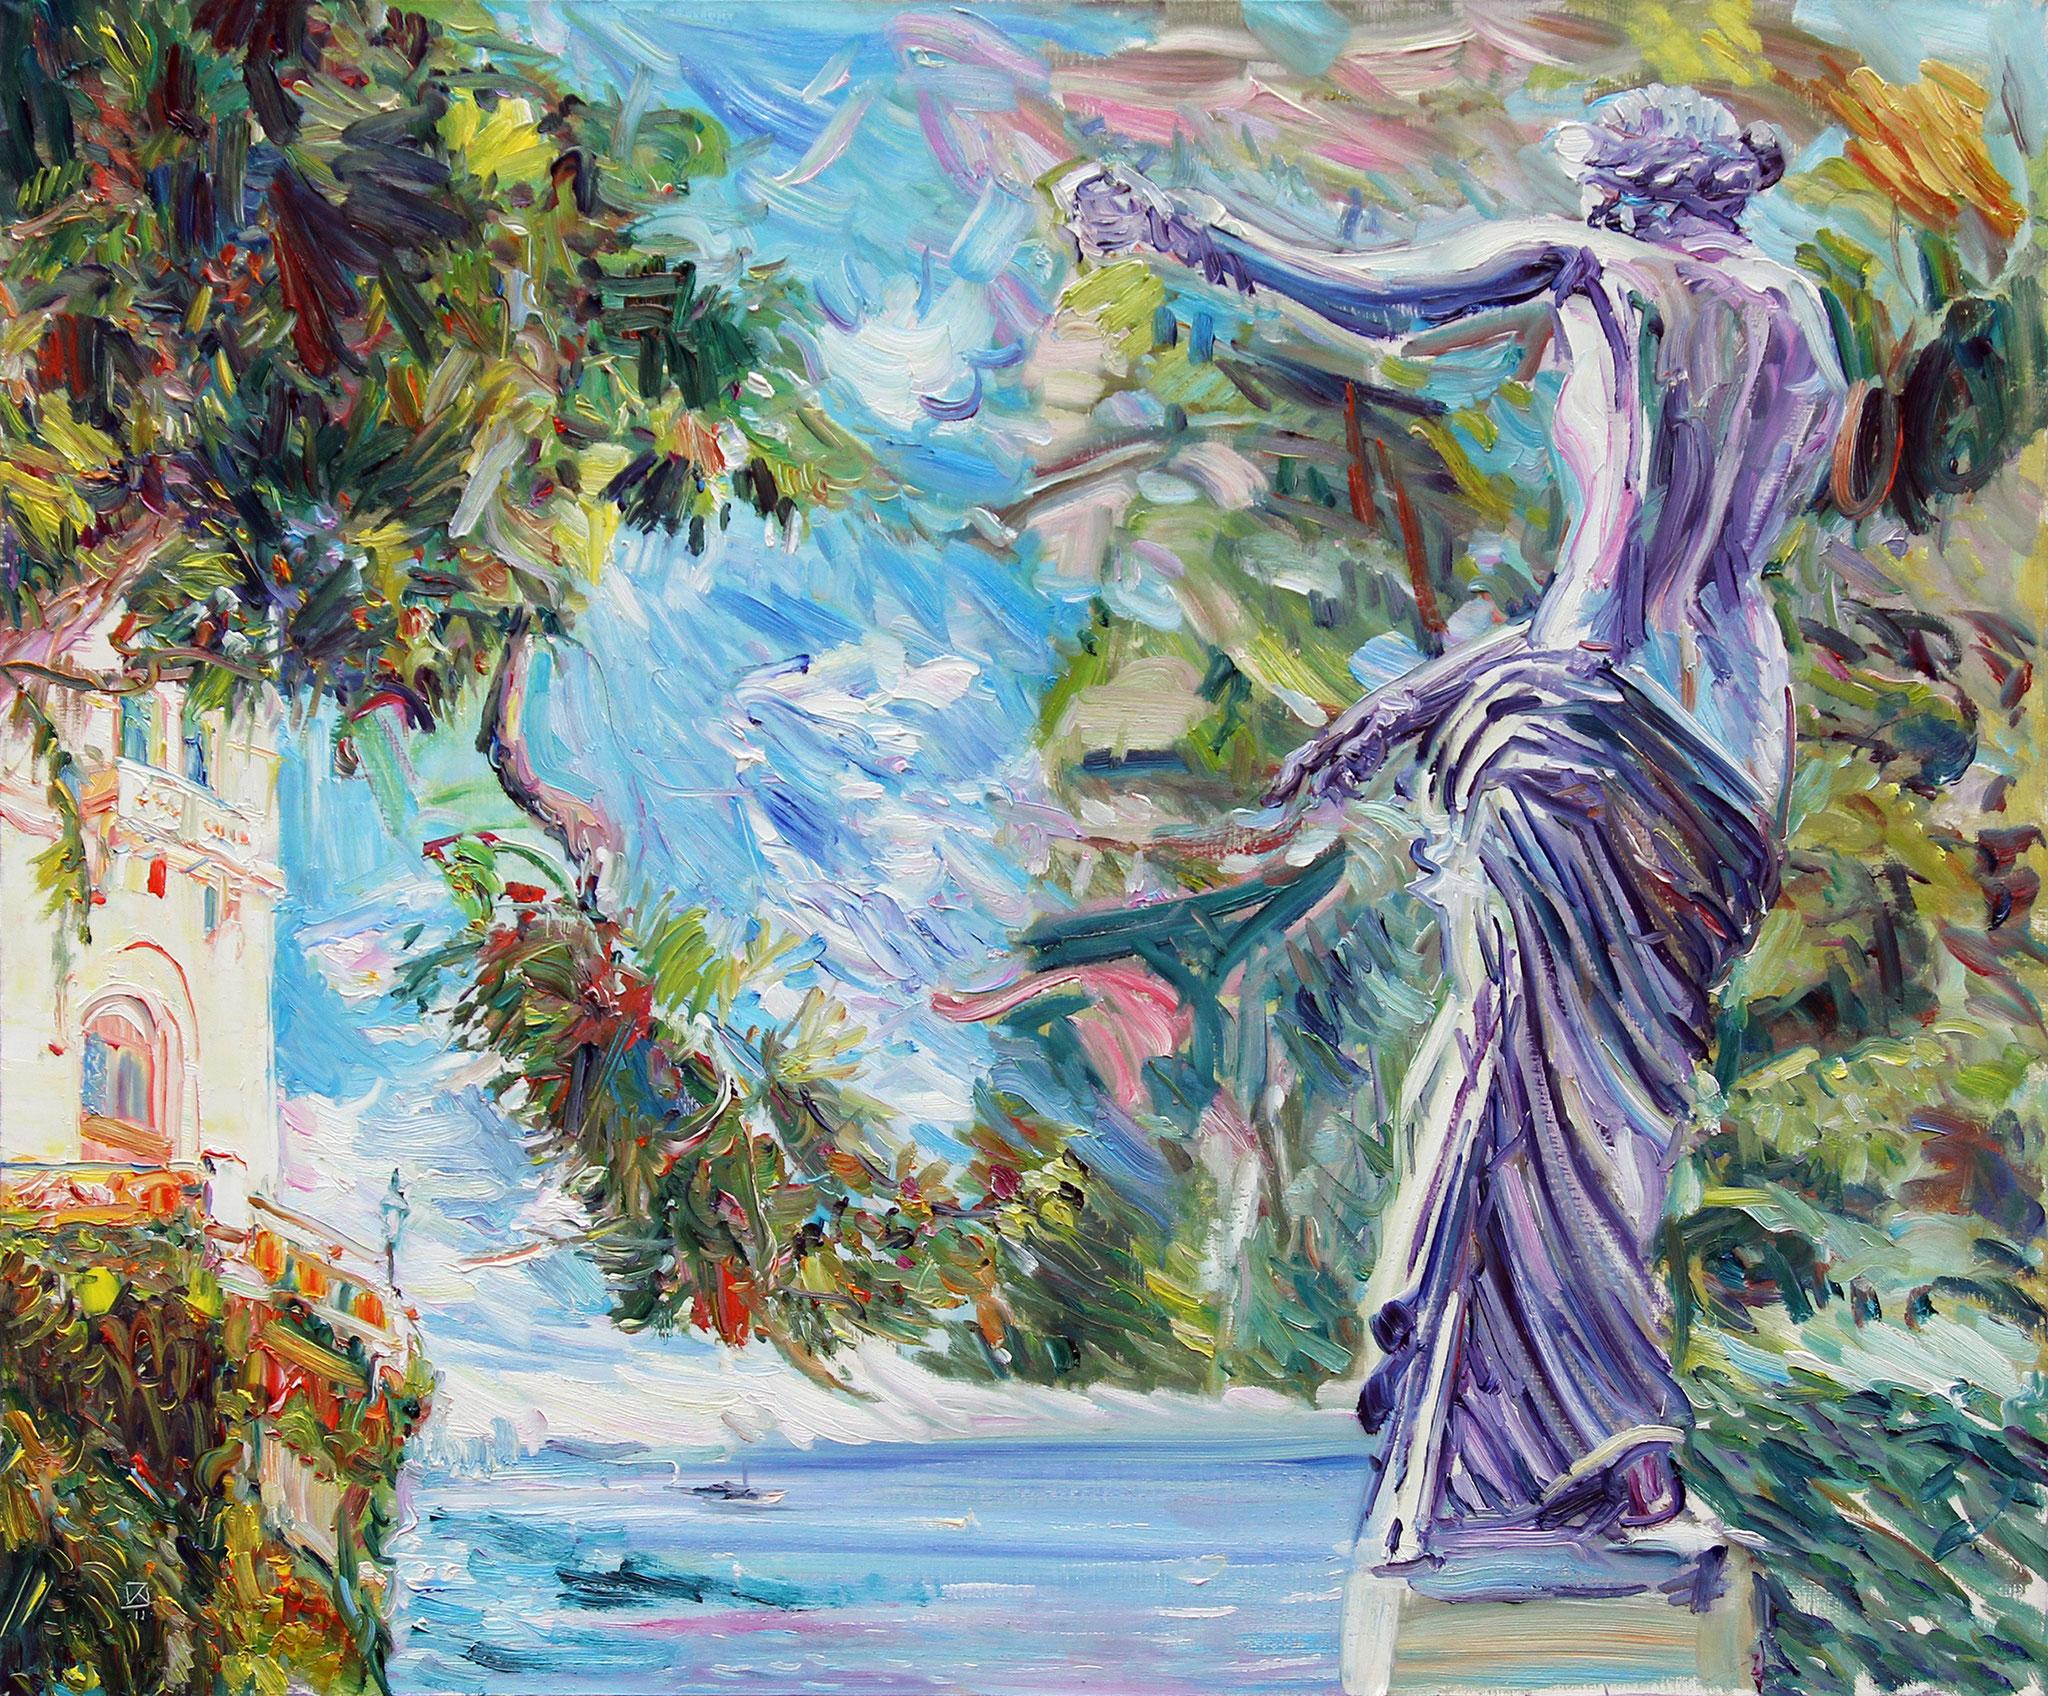 Inviting Freshness. 2011. Oil on canvas. 100 х 120